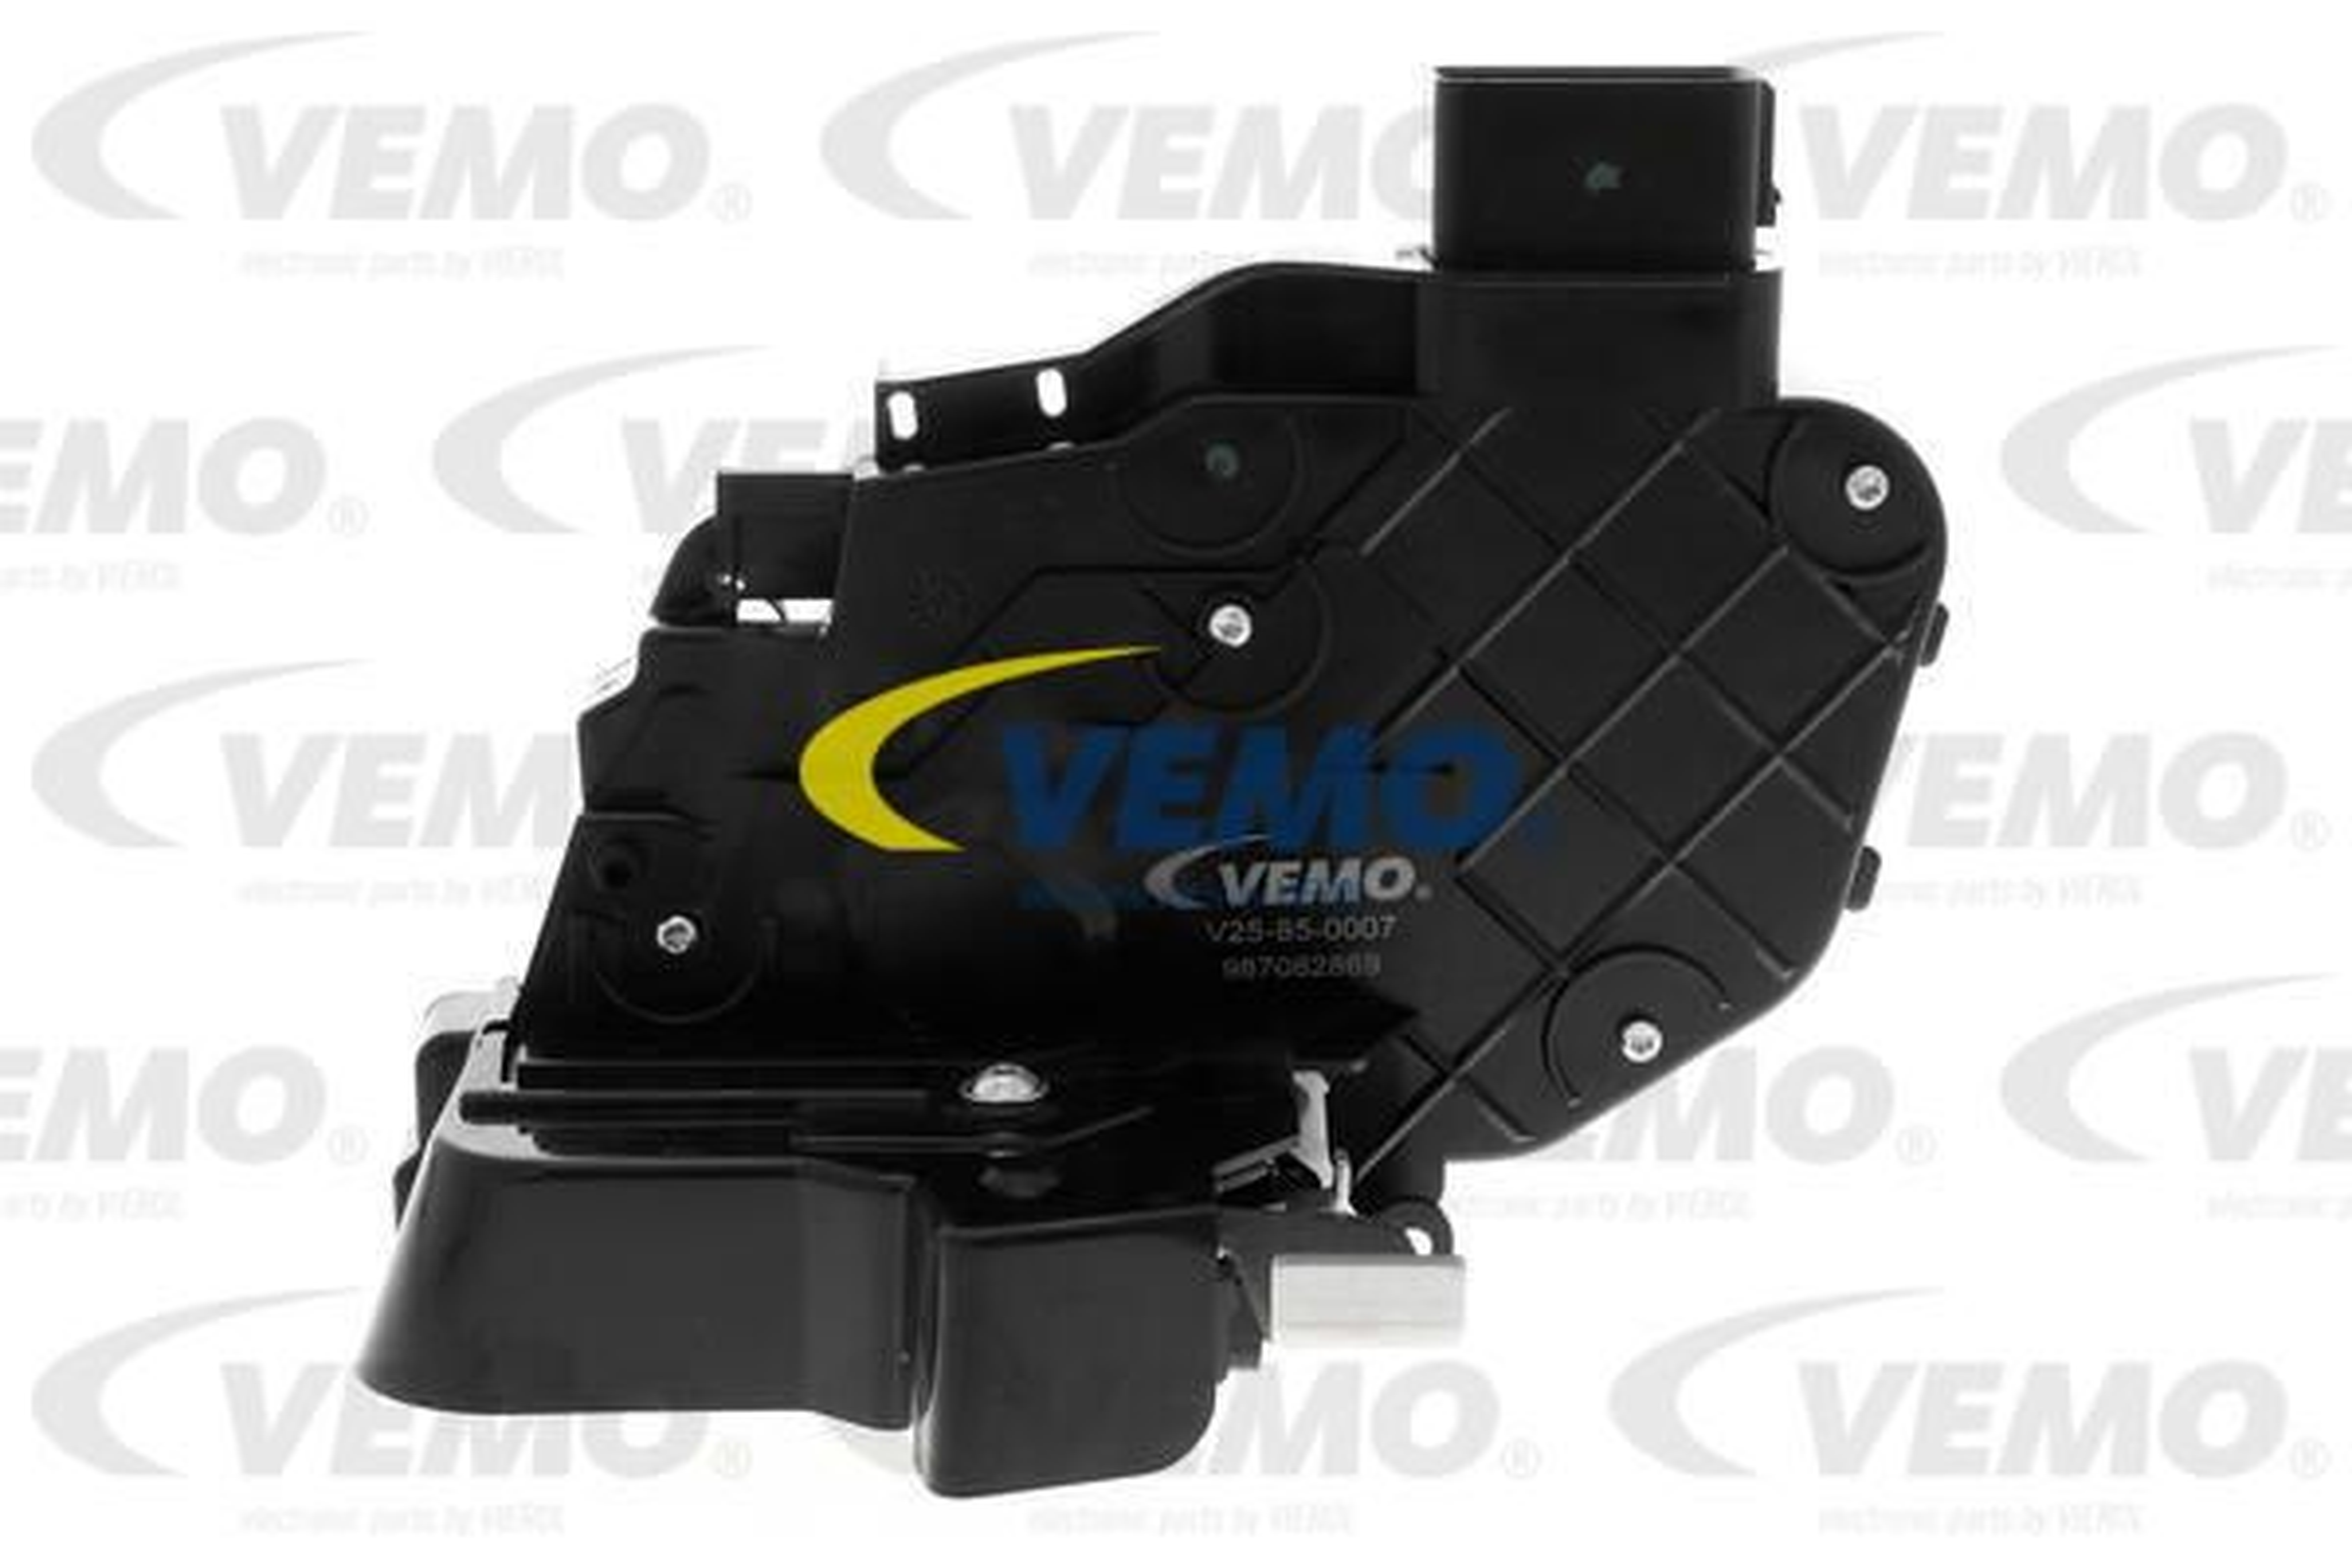 VEMO: Original Stellelement Zentralverriegelung V25-85-0007 ()